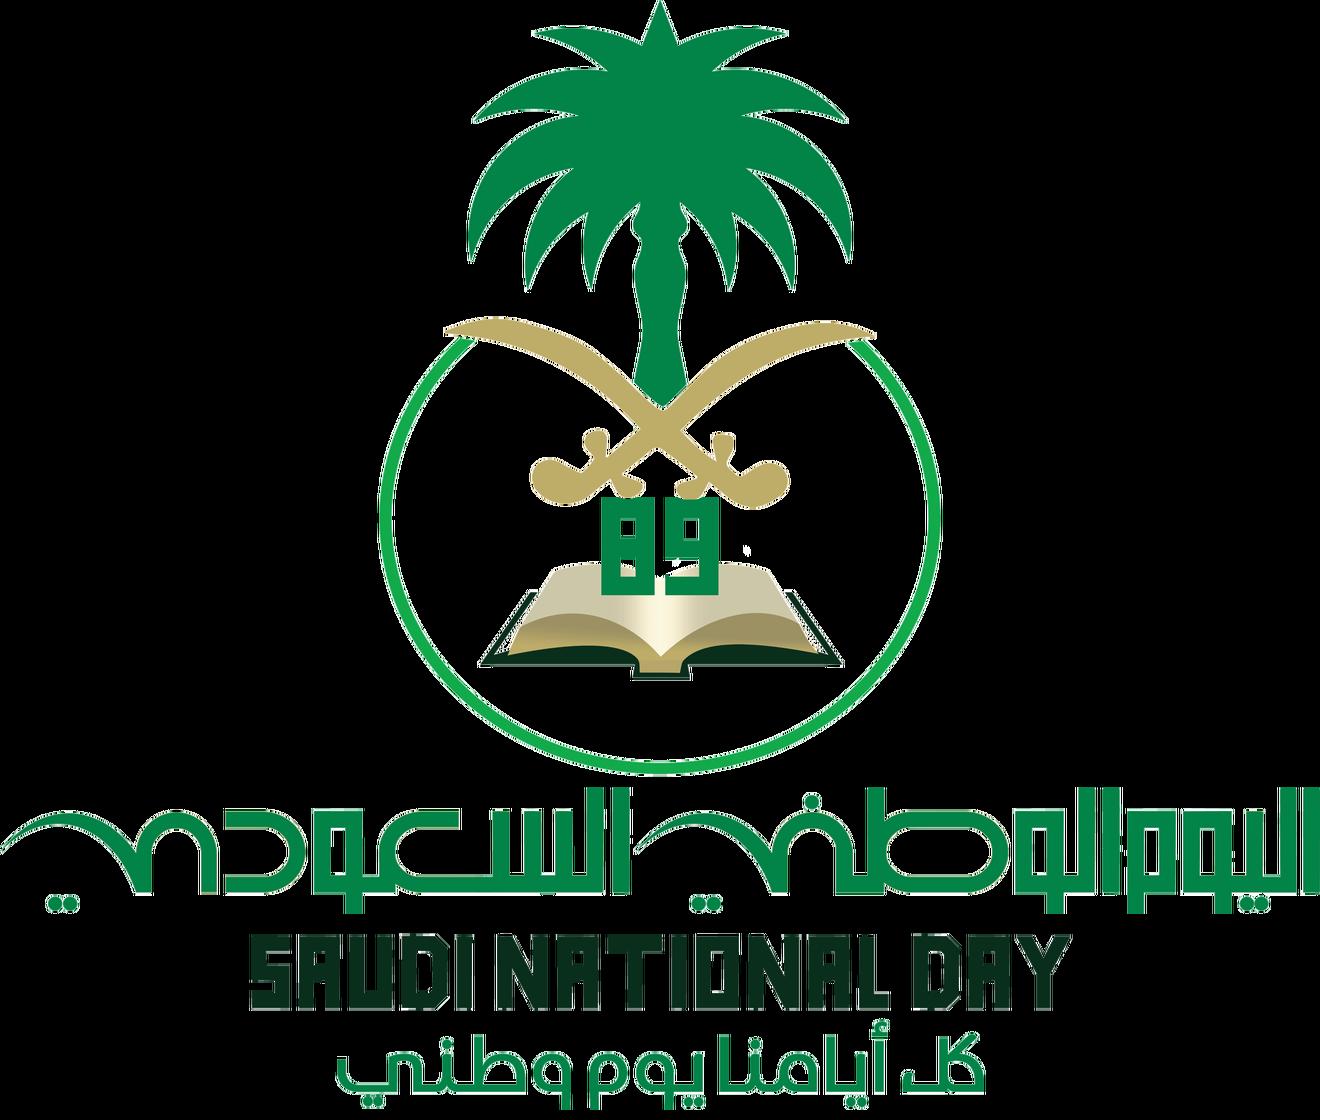 تصاميم لليوم الوطني 89 بجودة عالية صور Hd لليوم الوطني السعودي 1441 مجلة رجيم National Day Saudi Eid Cards Clip Art